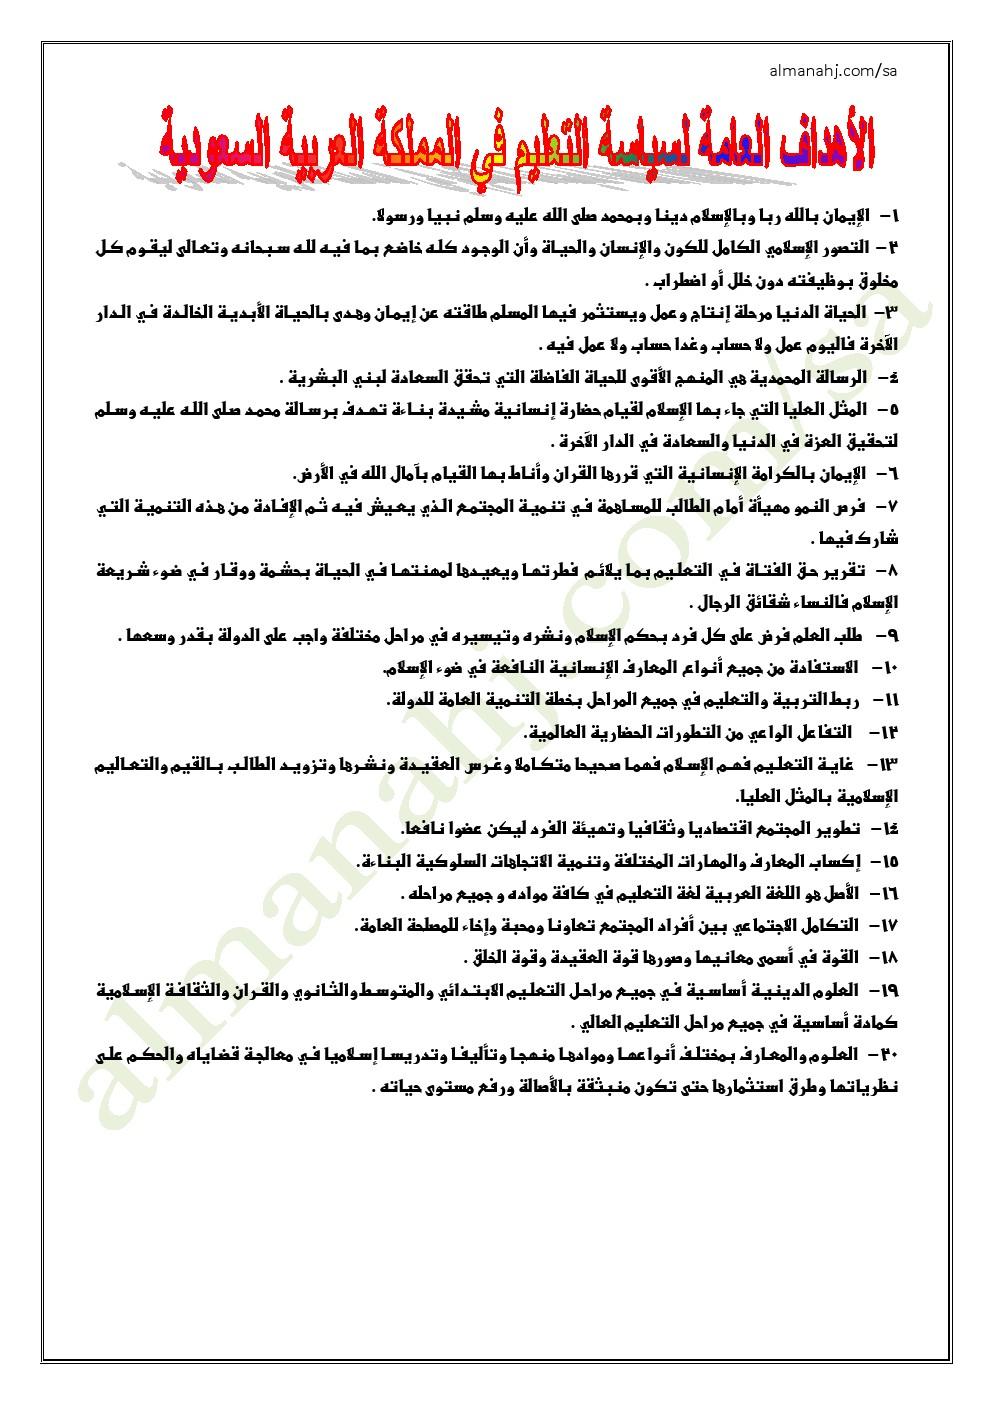 سياسة التعليم في المملكة العربية السعودية pdf